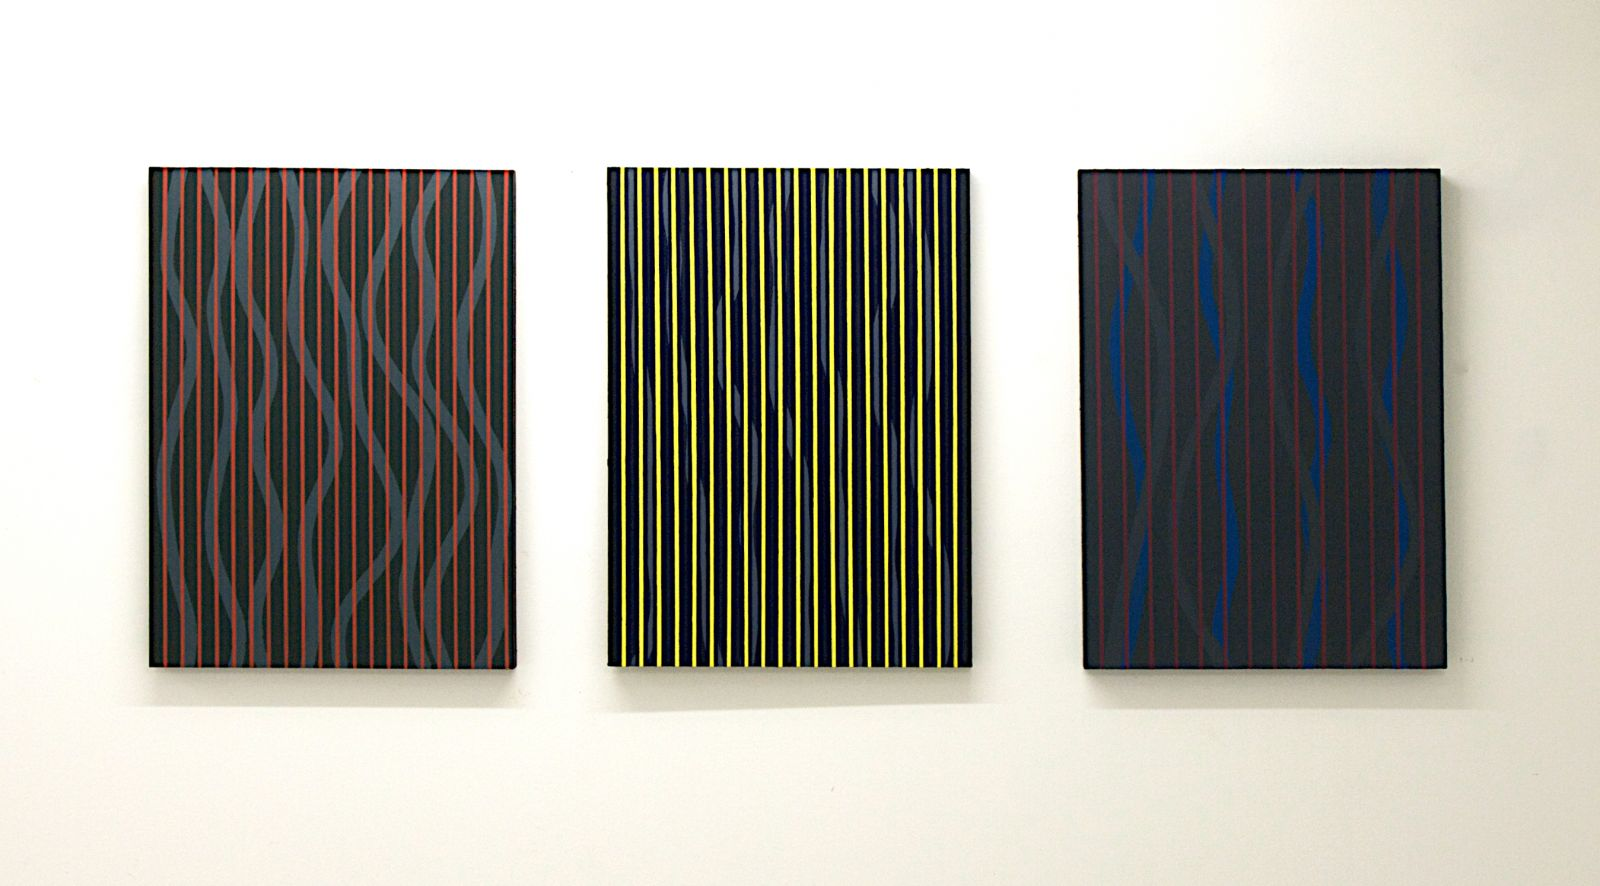 Serie Strings-eder-art